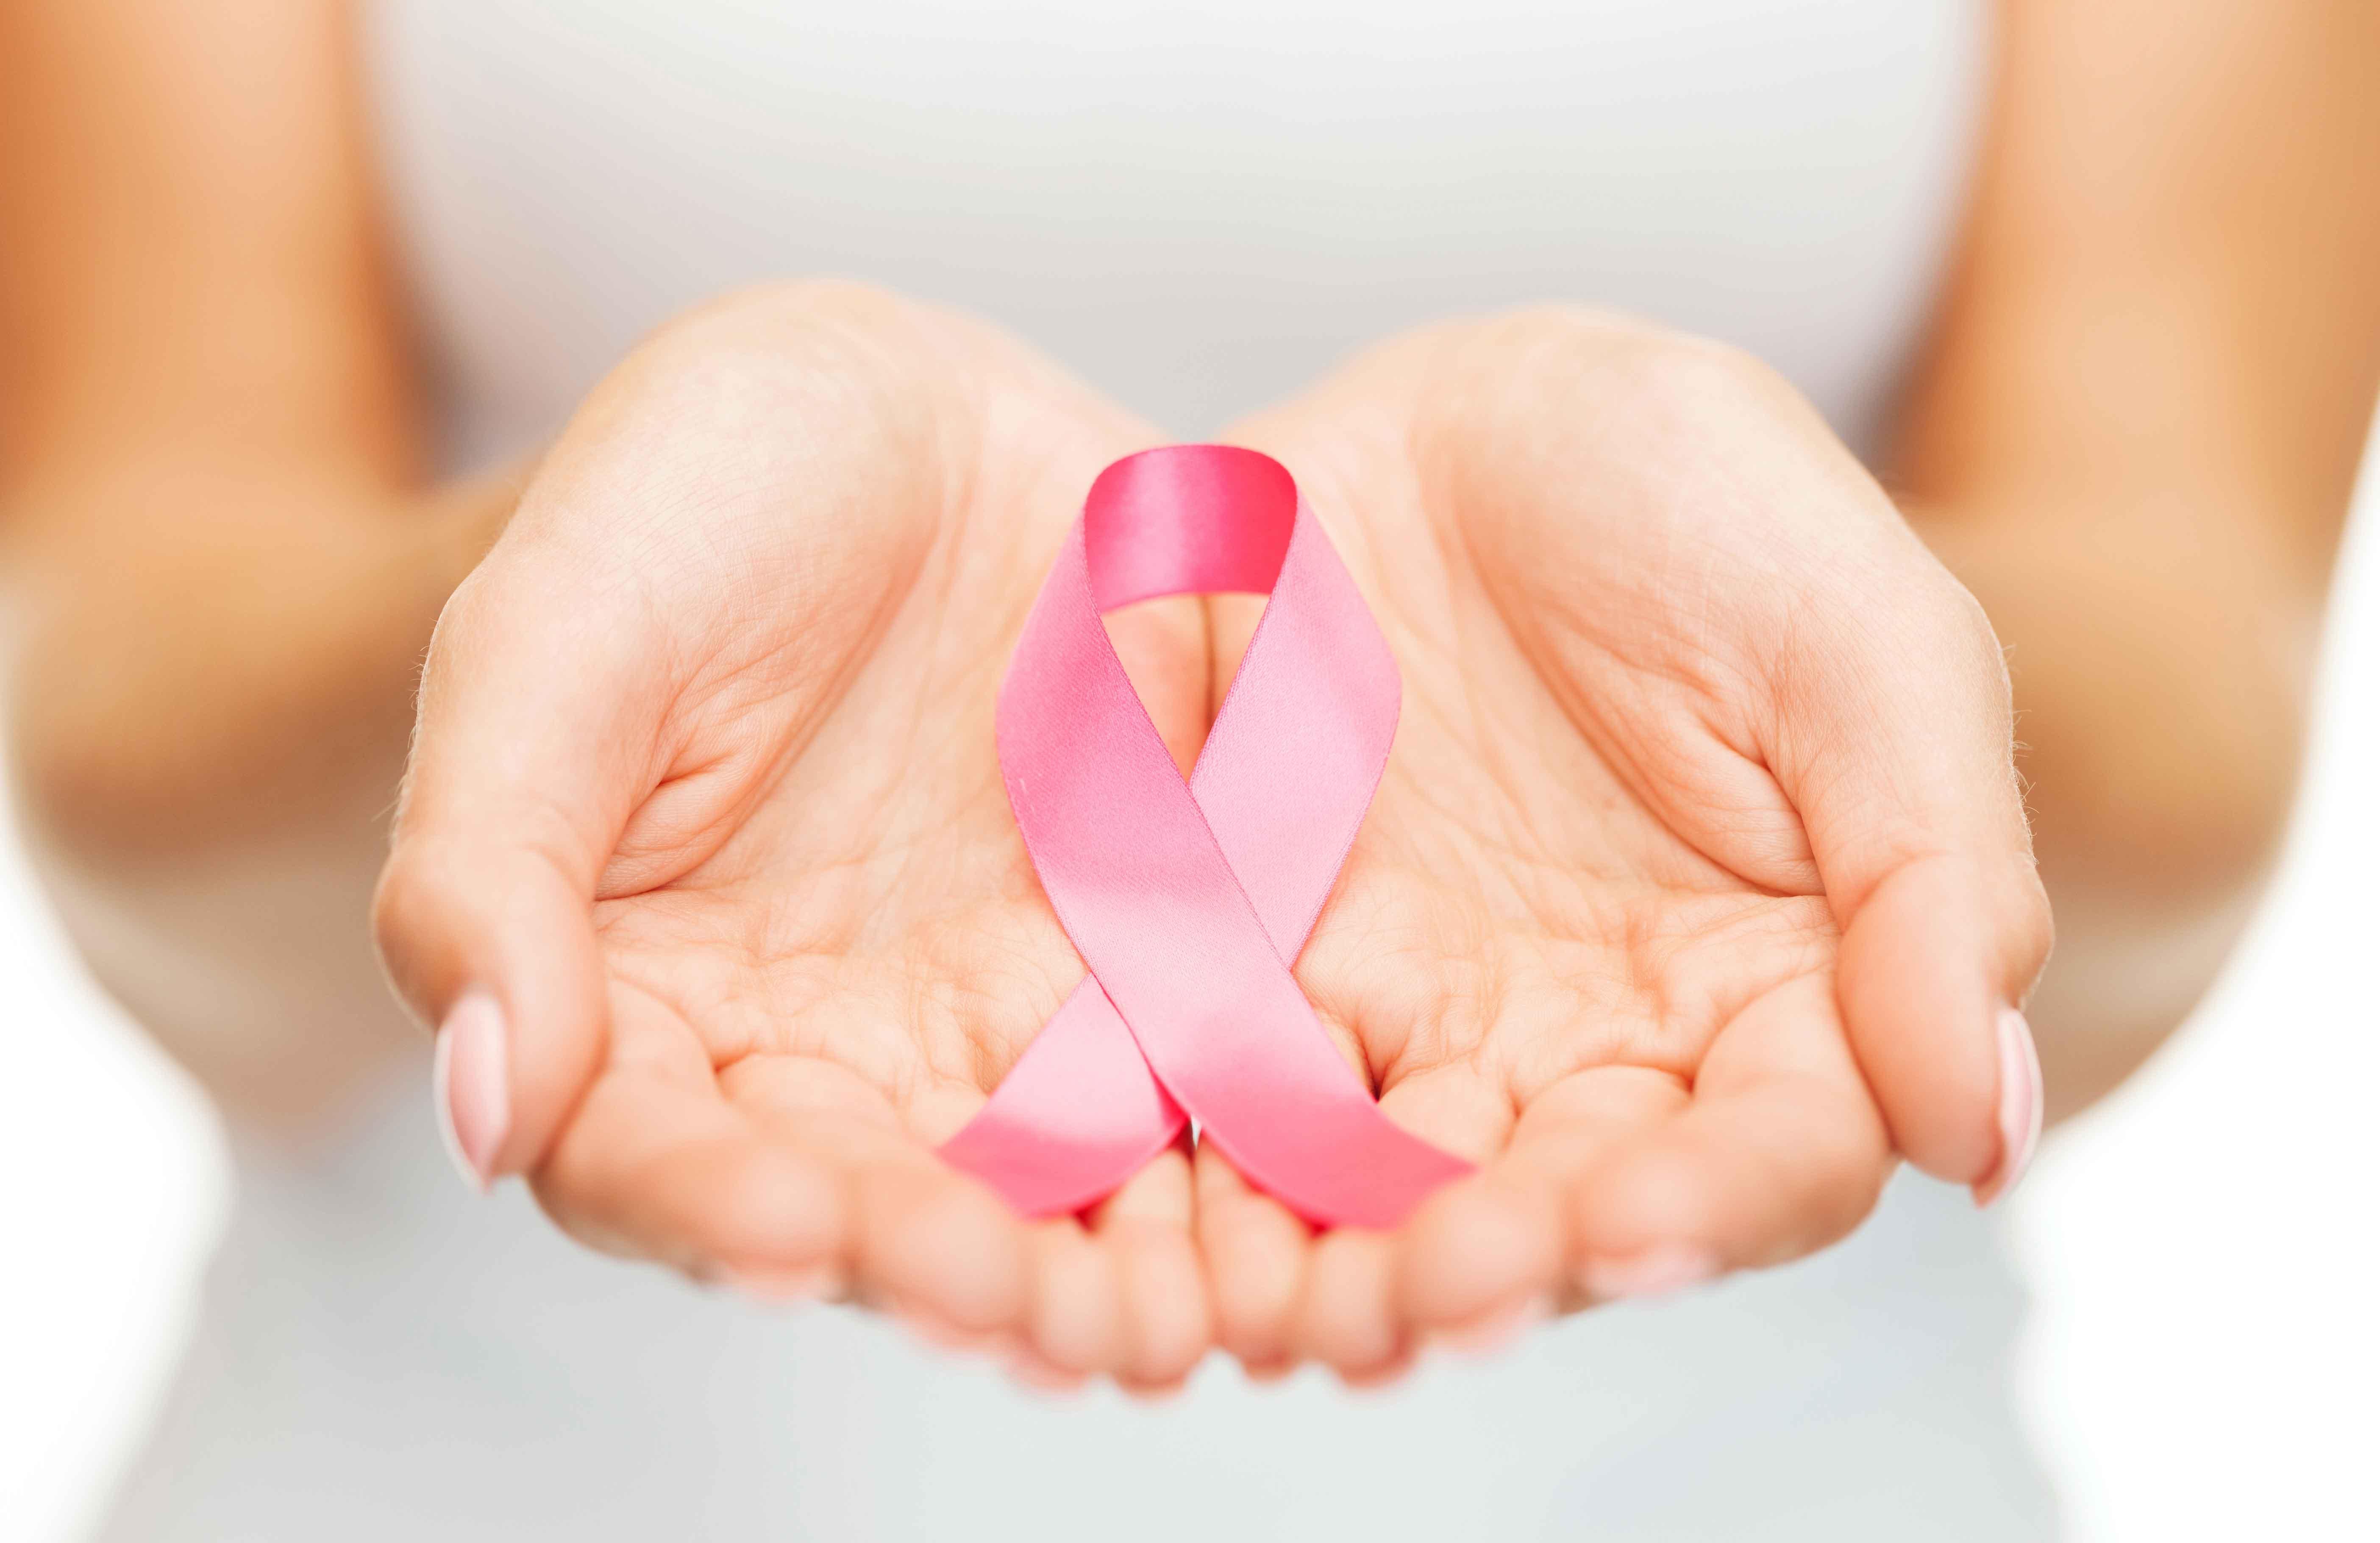 ung thư vú rất nguy hiểm nếu không được phát hiện kịp thời